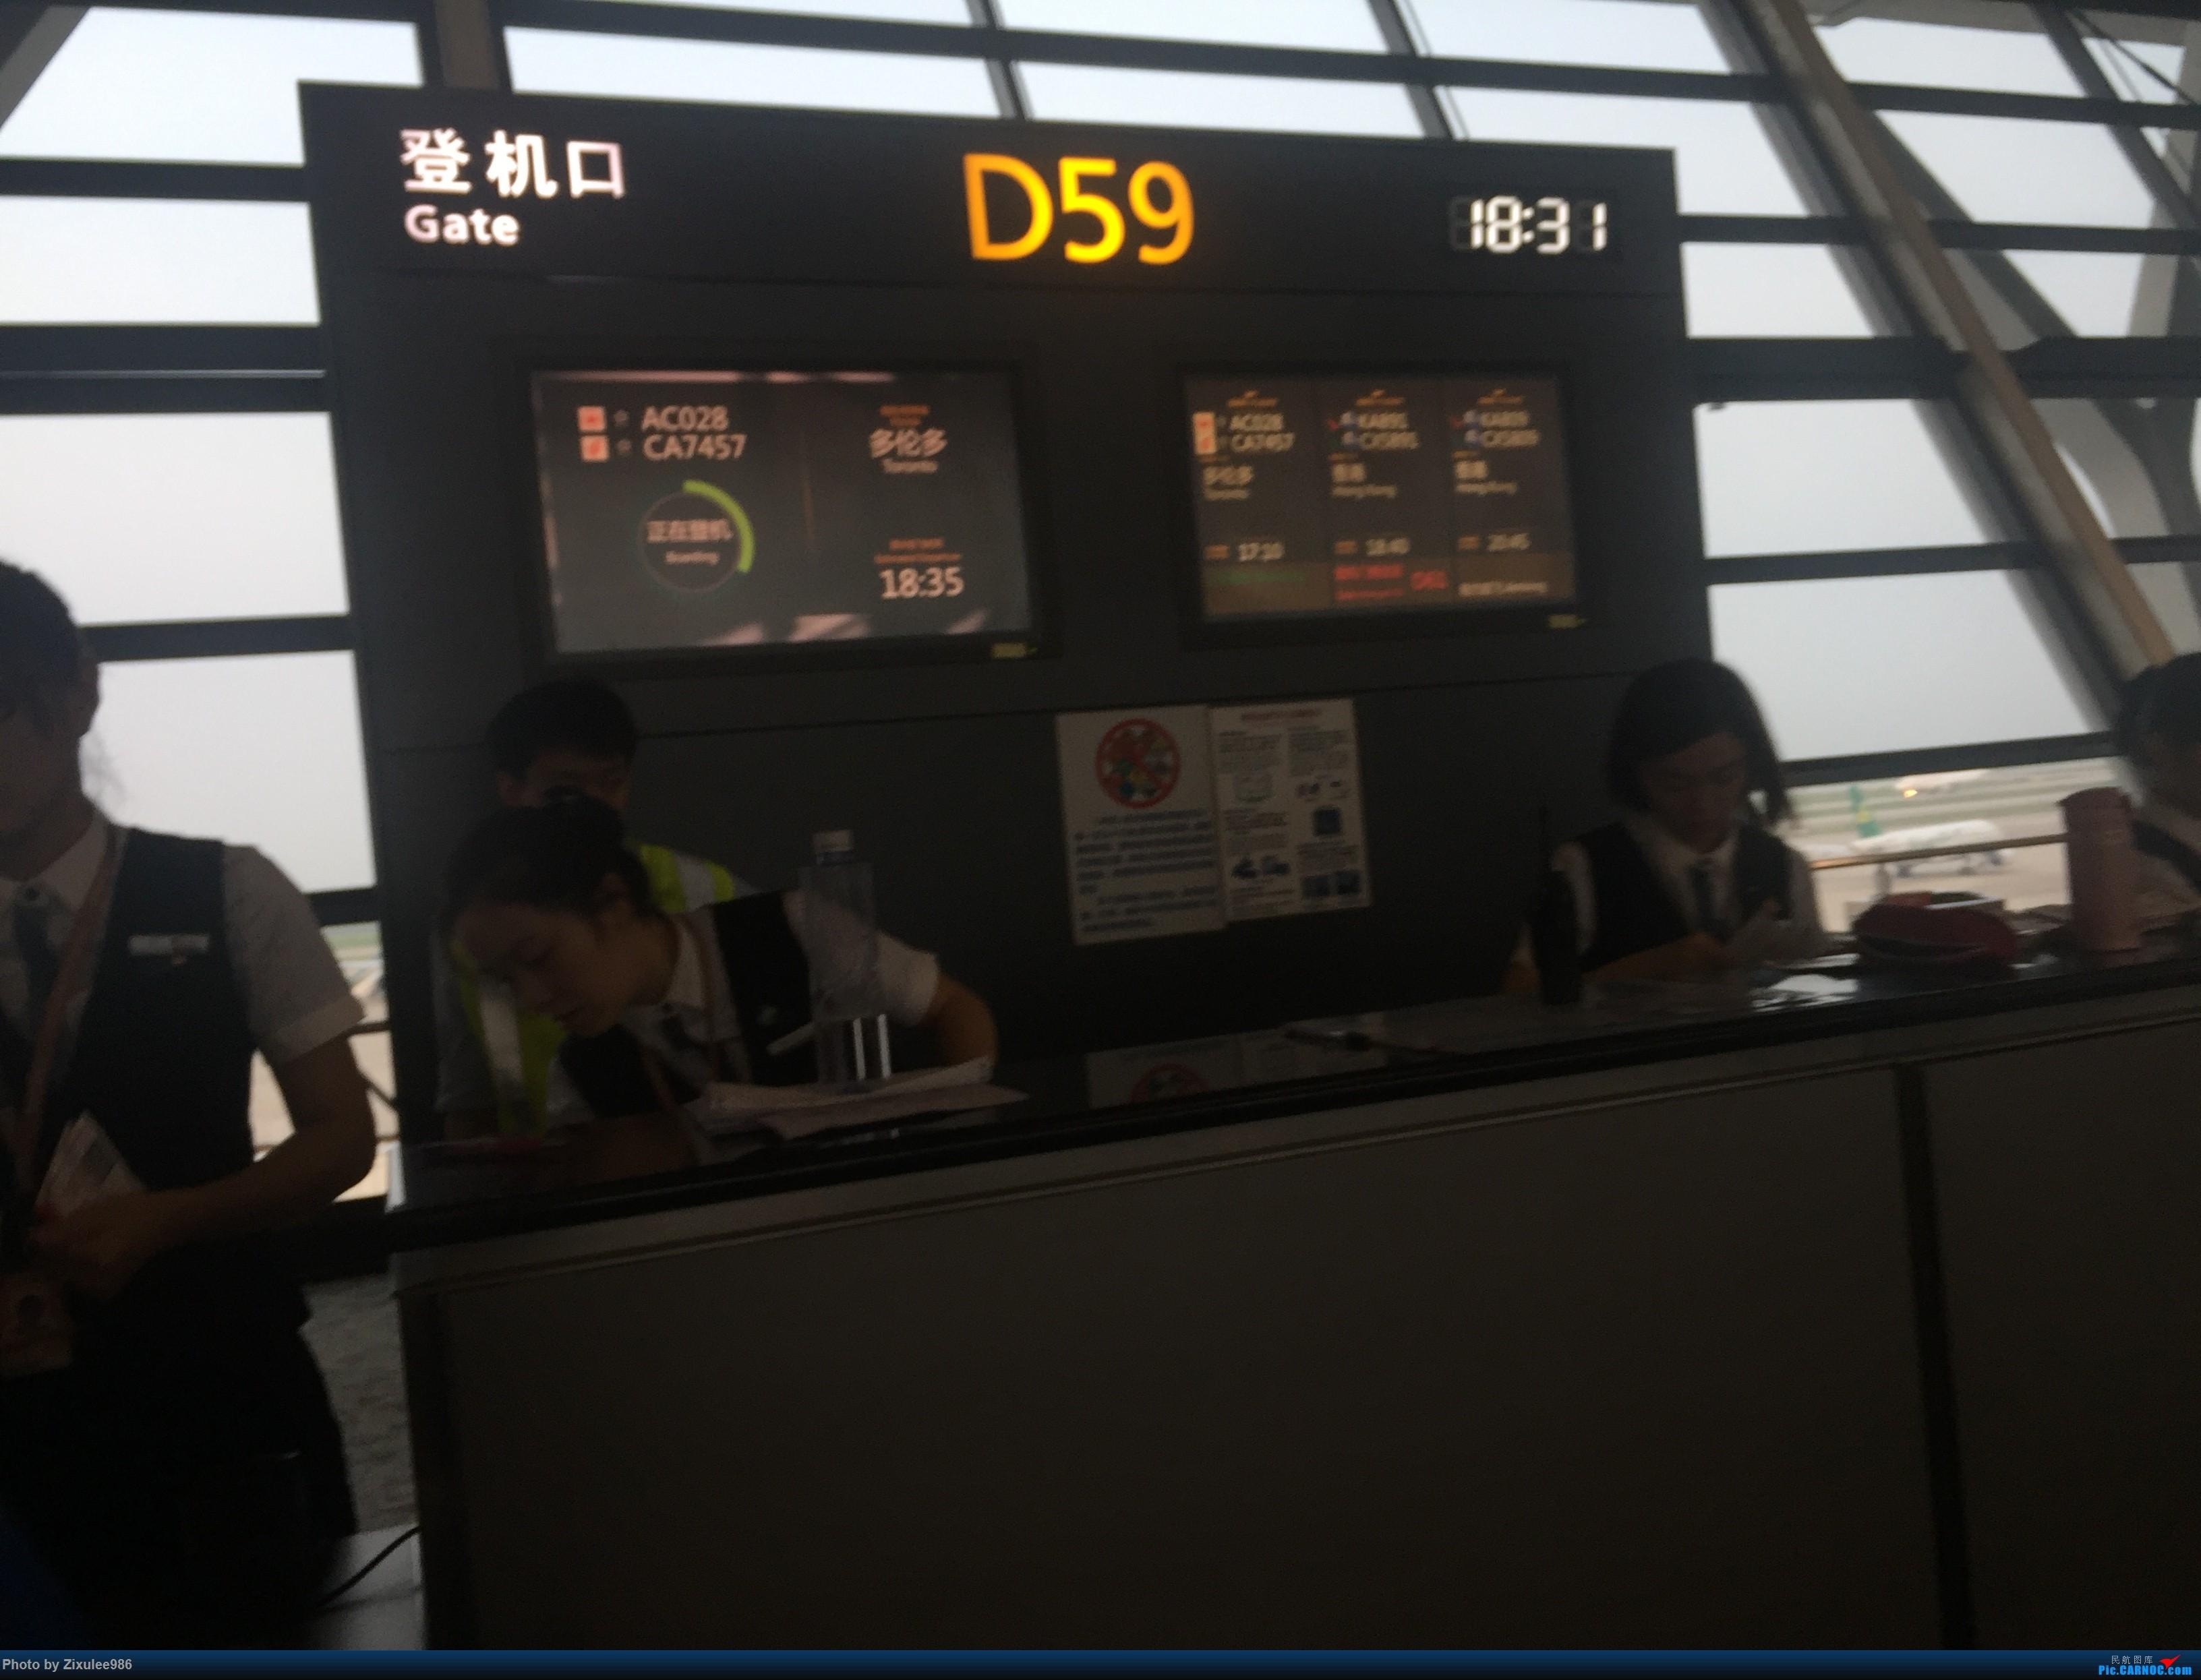 Re:[原创]加拿大21日游学之旅 (二)~加航AC28..PVG-YYZ到达多村后的雨天~多图缓更,请各位大侠谅解~    中国上海浦东国际机场